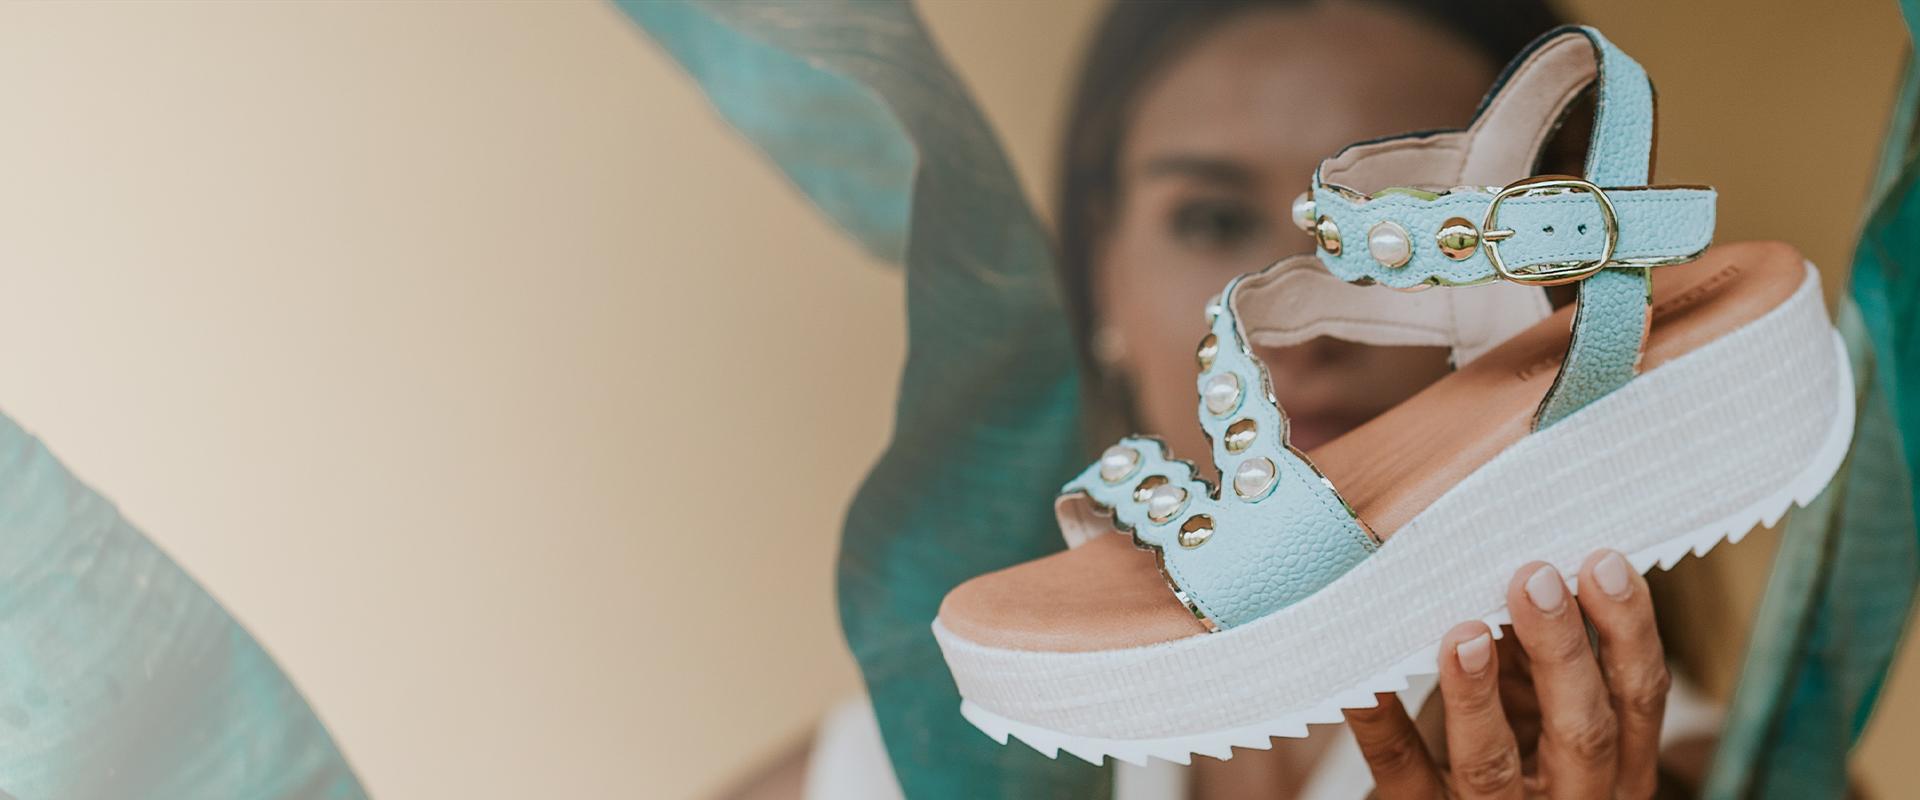 sandálias de mulher